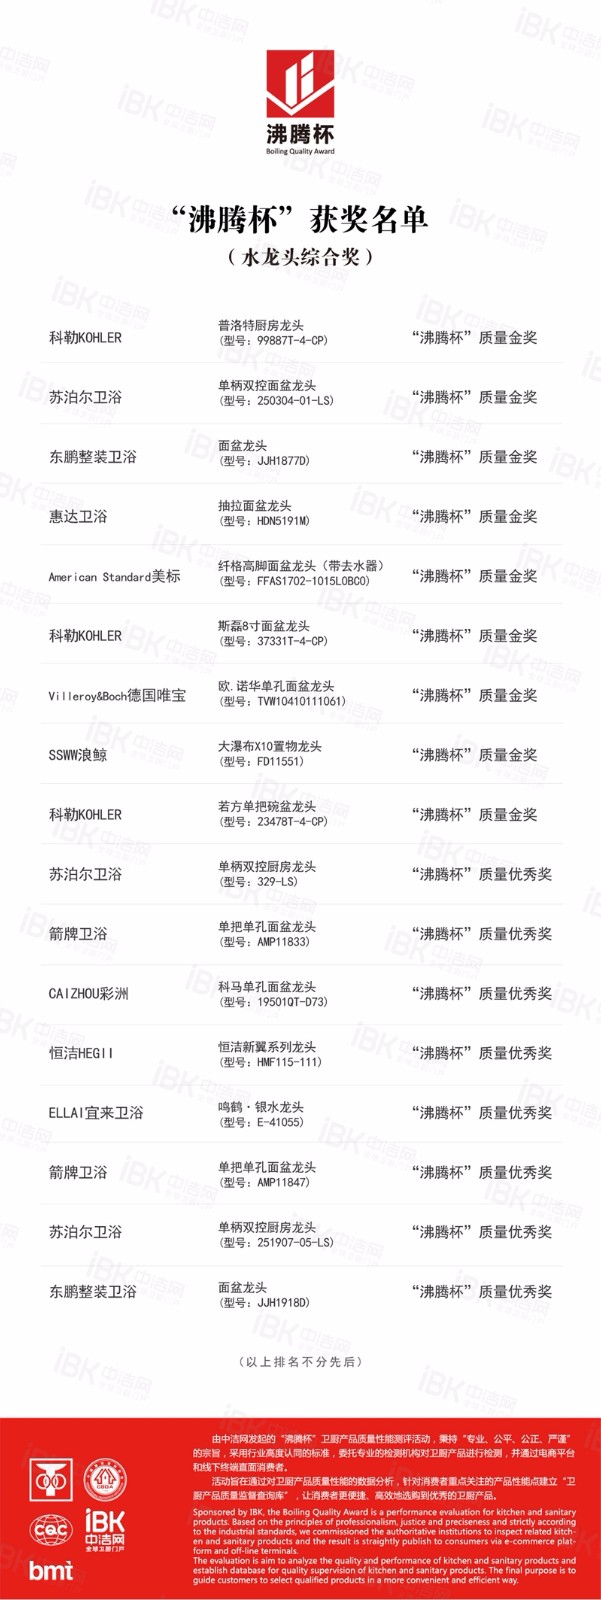 2019沸腾杯-水龙头-综合奖_副本.jpg